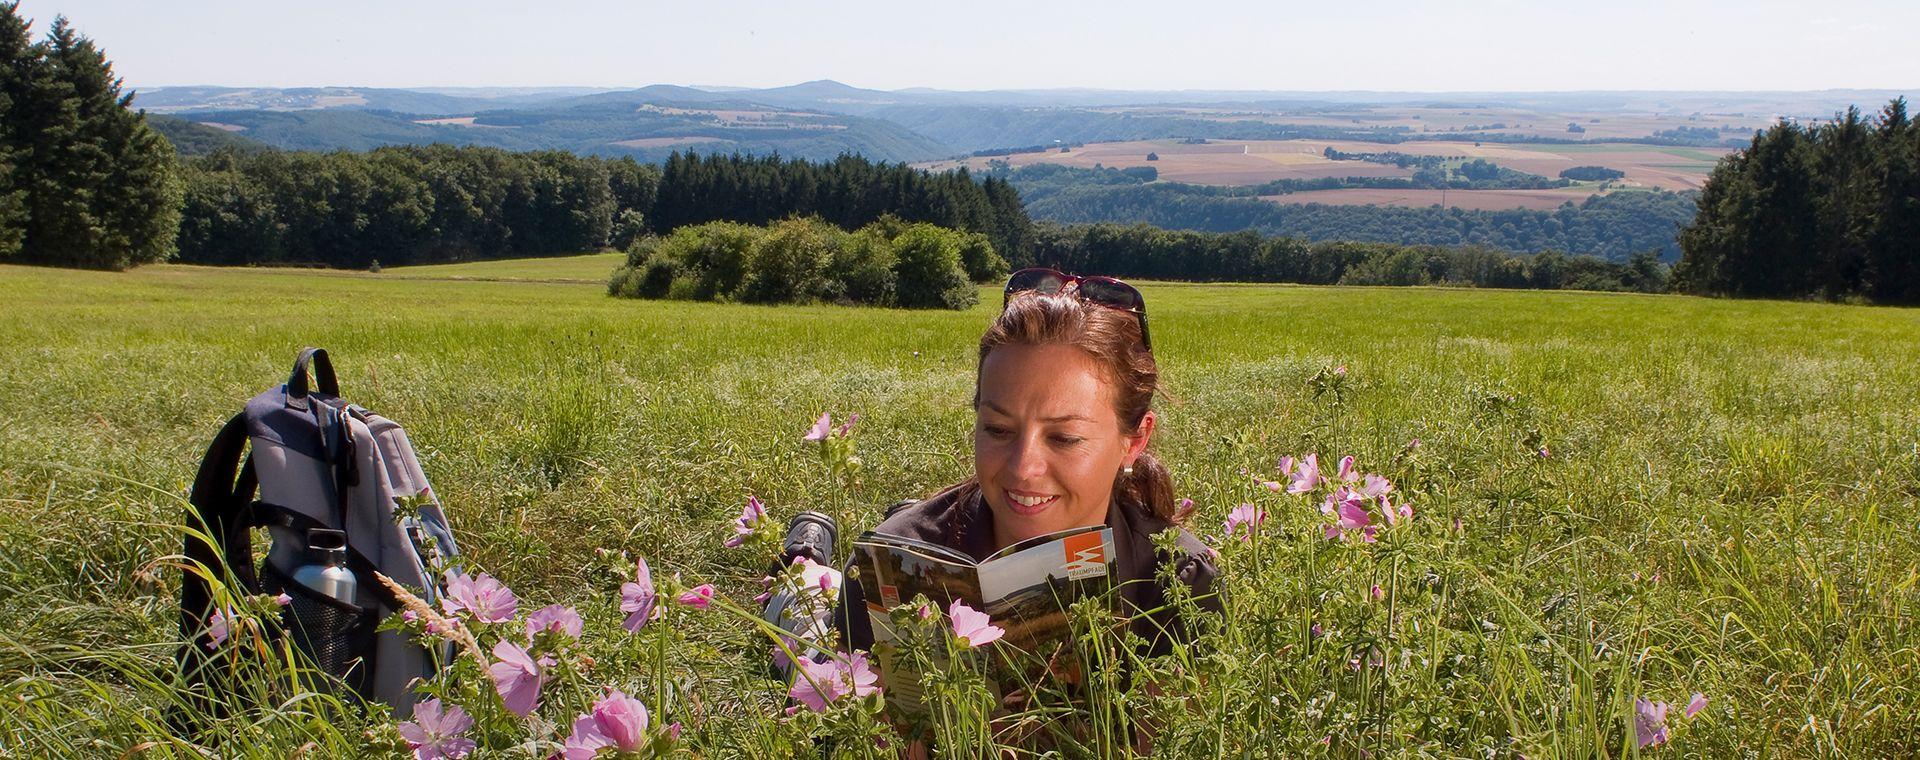 Frau liegt im Gras mit Traumpfade-Flyer